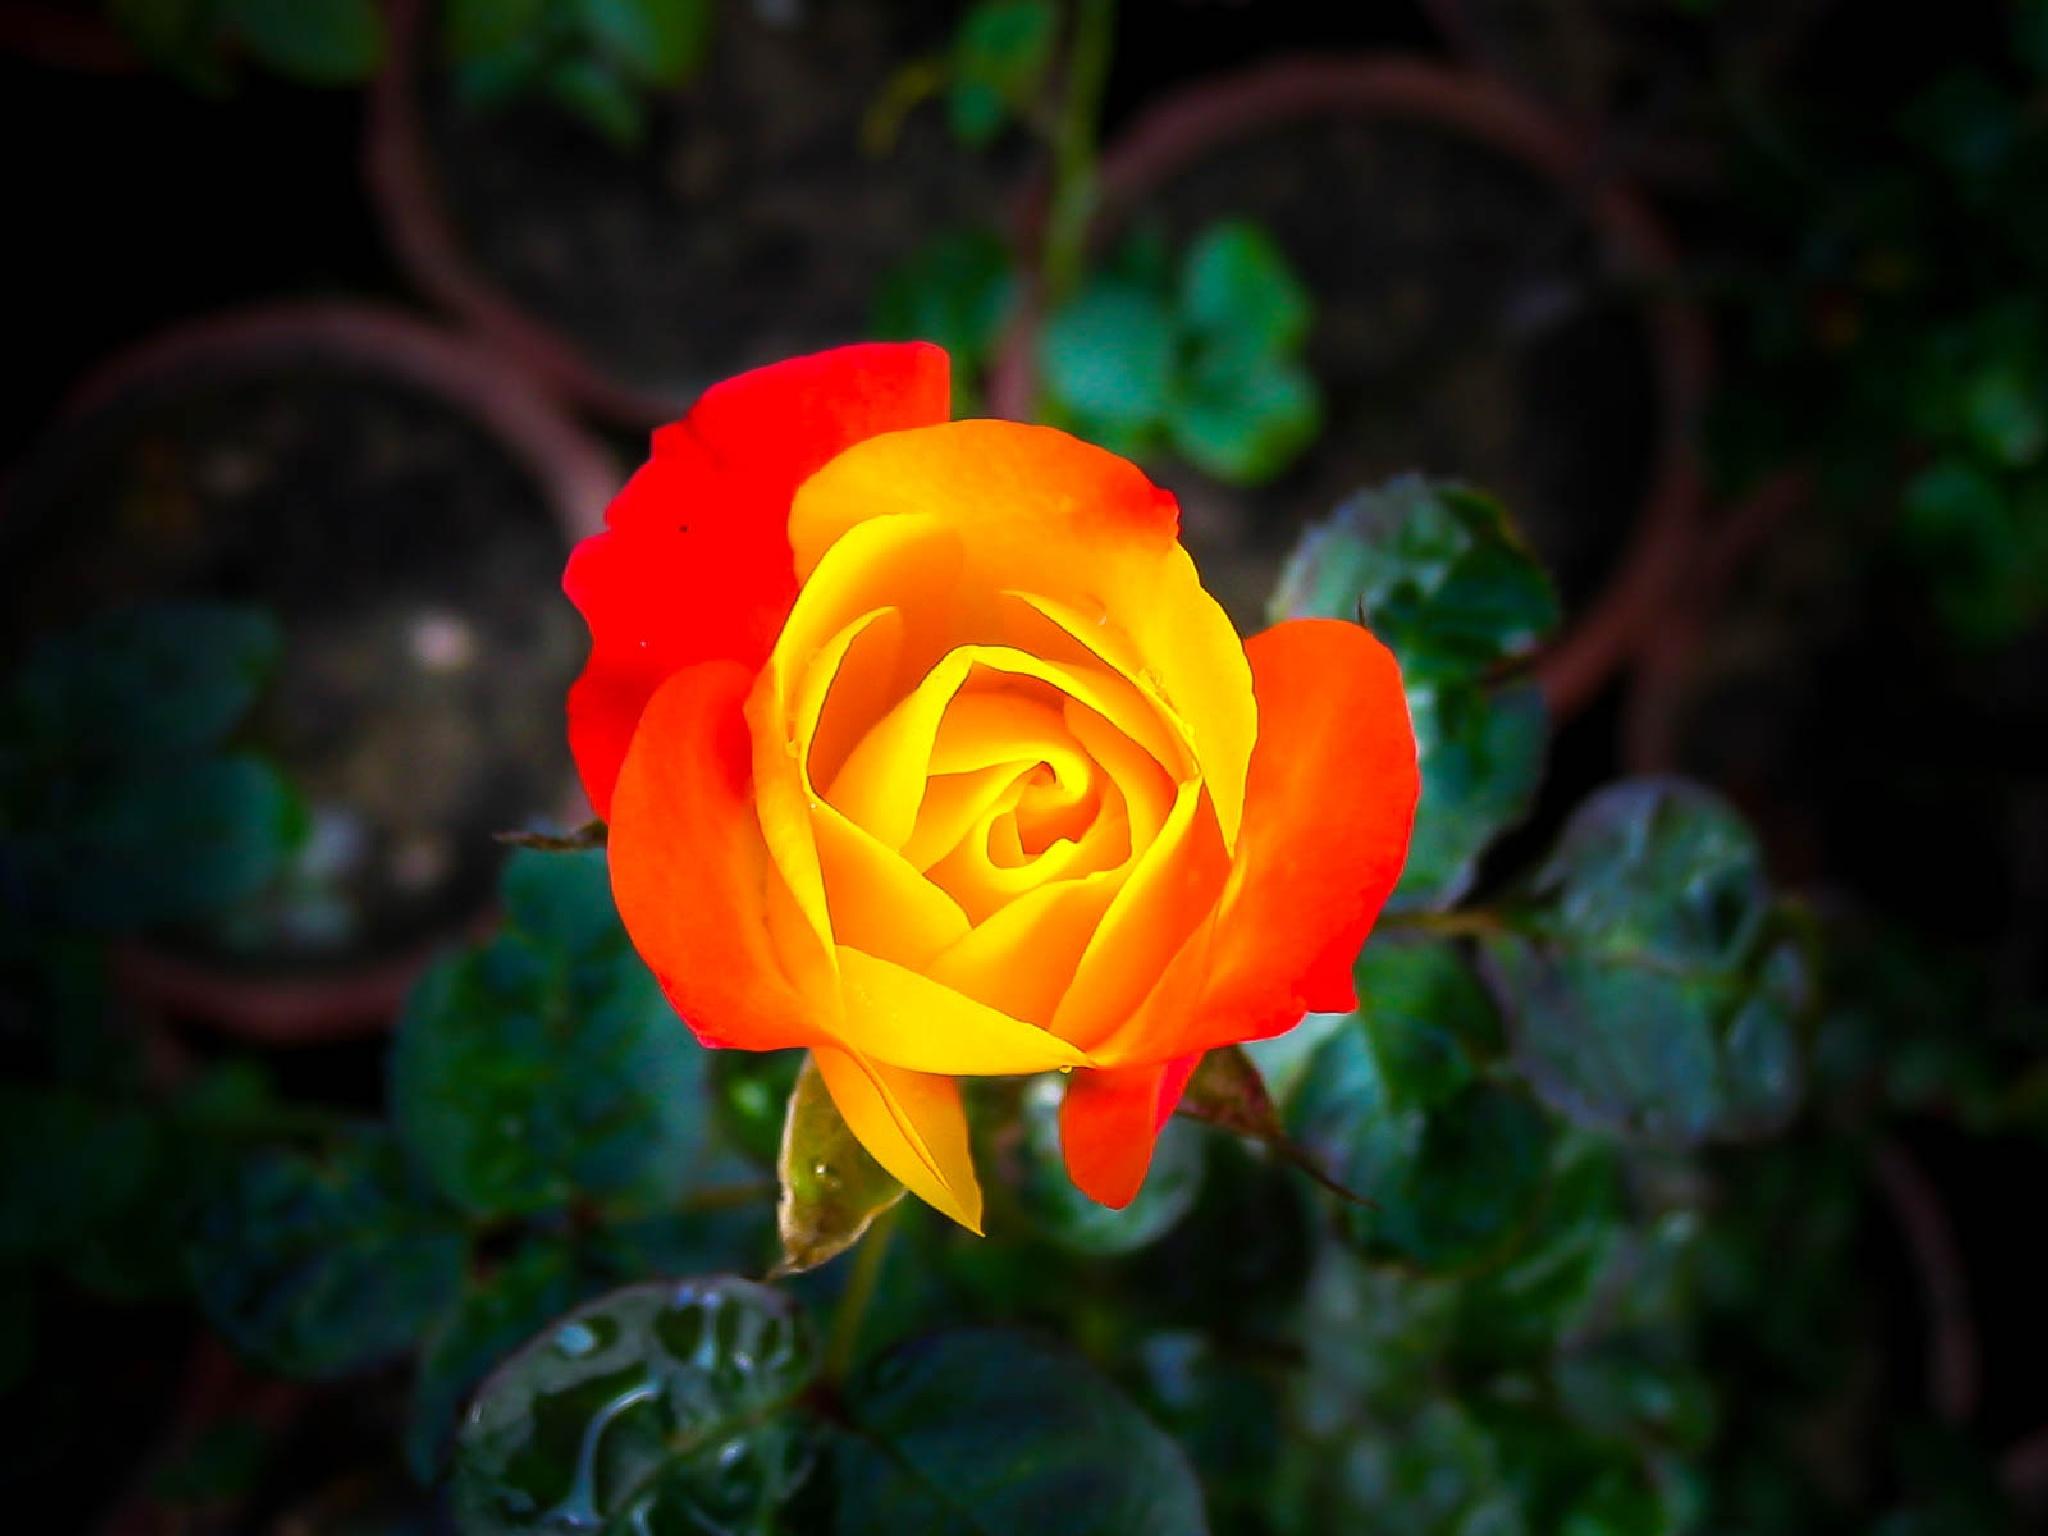 Rose by NaumanMughal